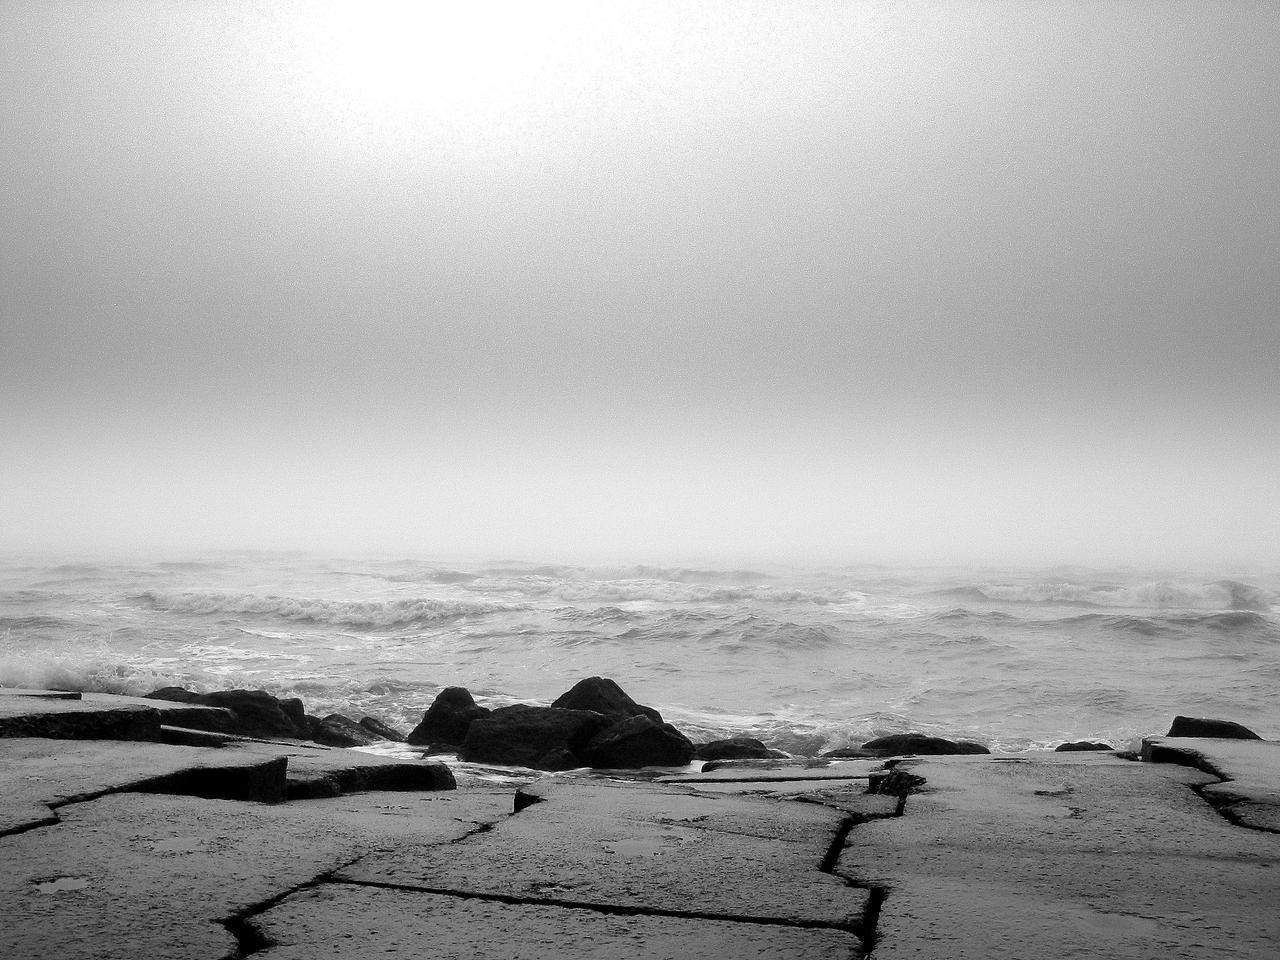 Misty Sea 2 by rich35211